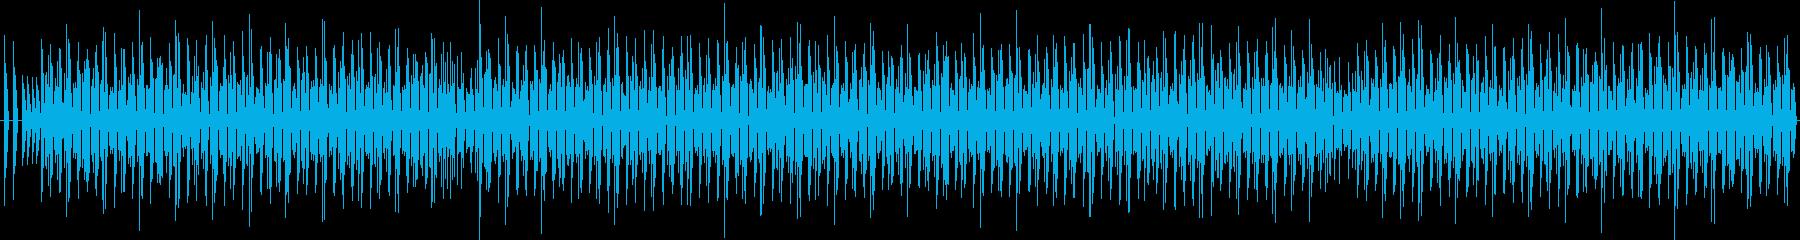 軽薄な感じのBGM#1 ♩=130 の再生済みの波形